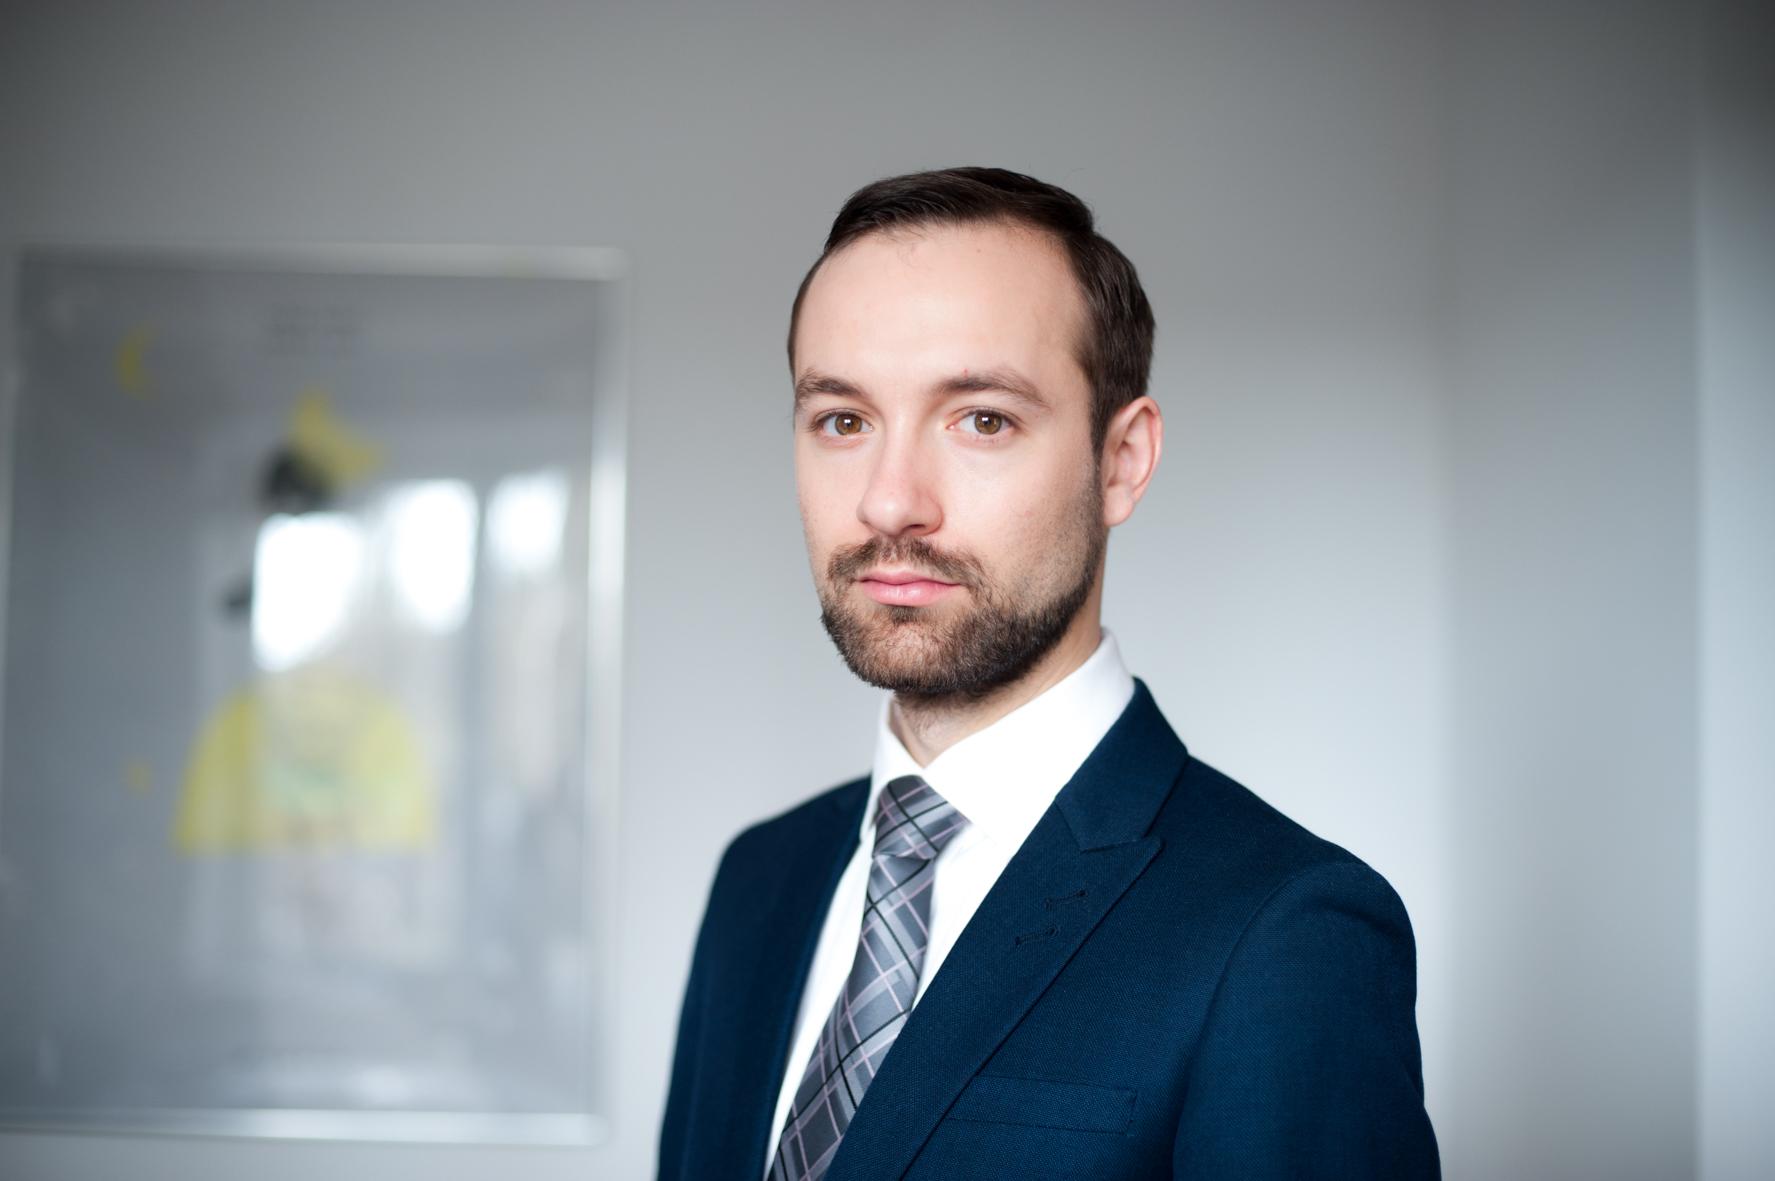 Wiedza ekonomiczna pozwala dorosłym ludziom podejmować lepsze decyzje – podkreśla Marek Tatała (fot. Forum Obywatelskiego Rozwoju)